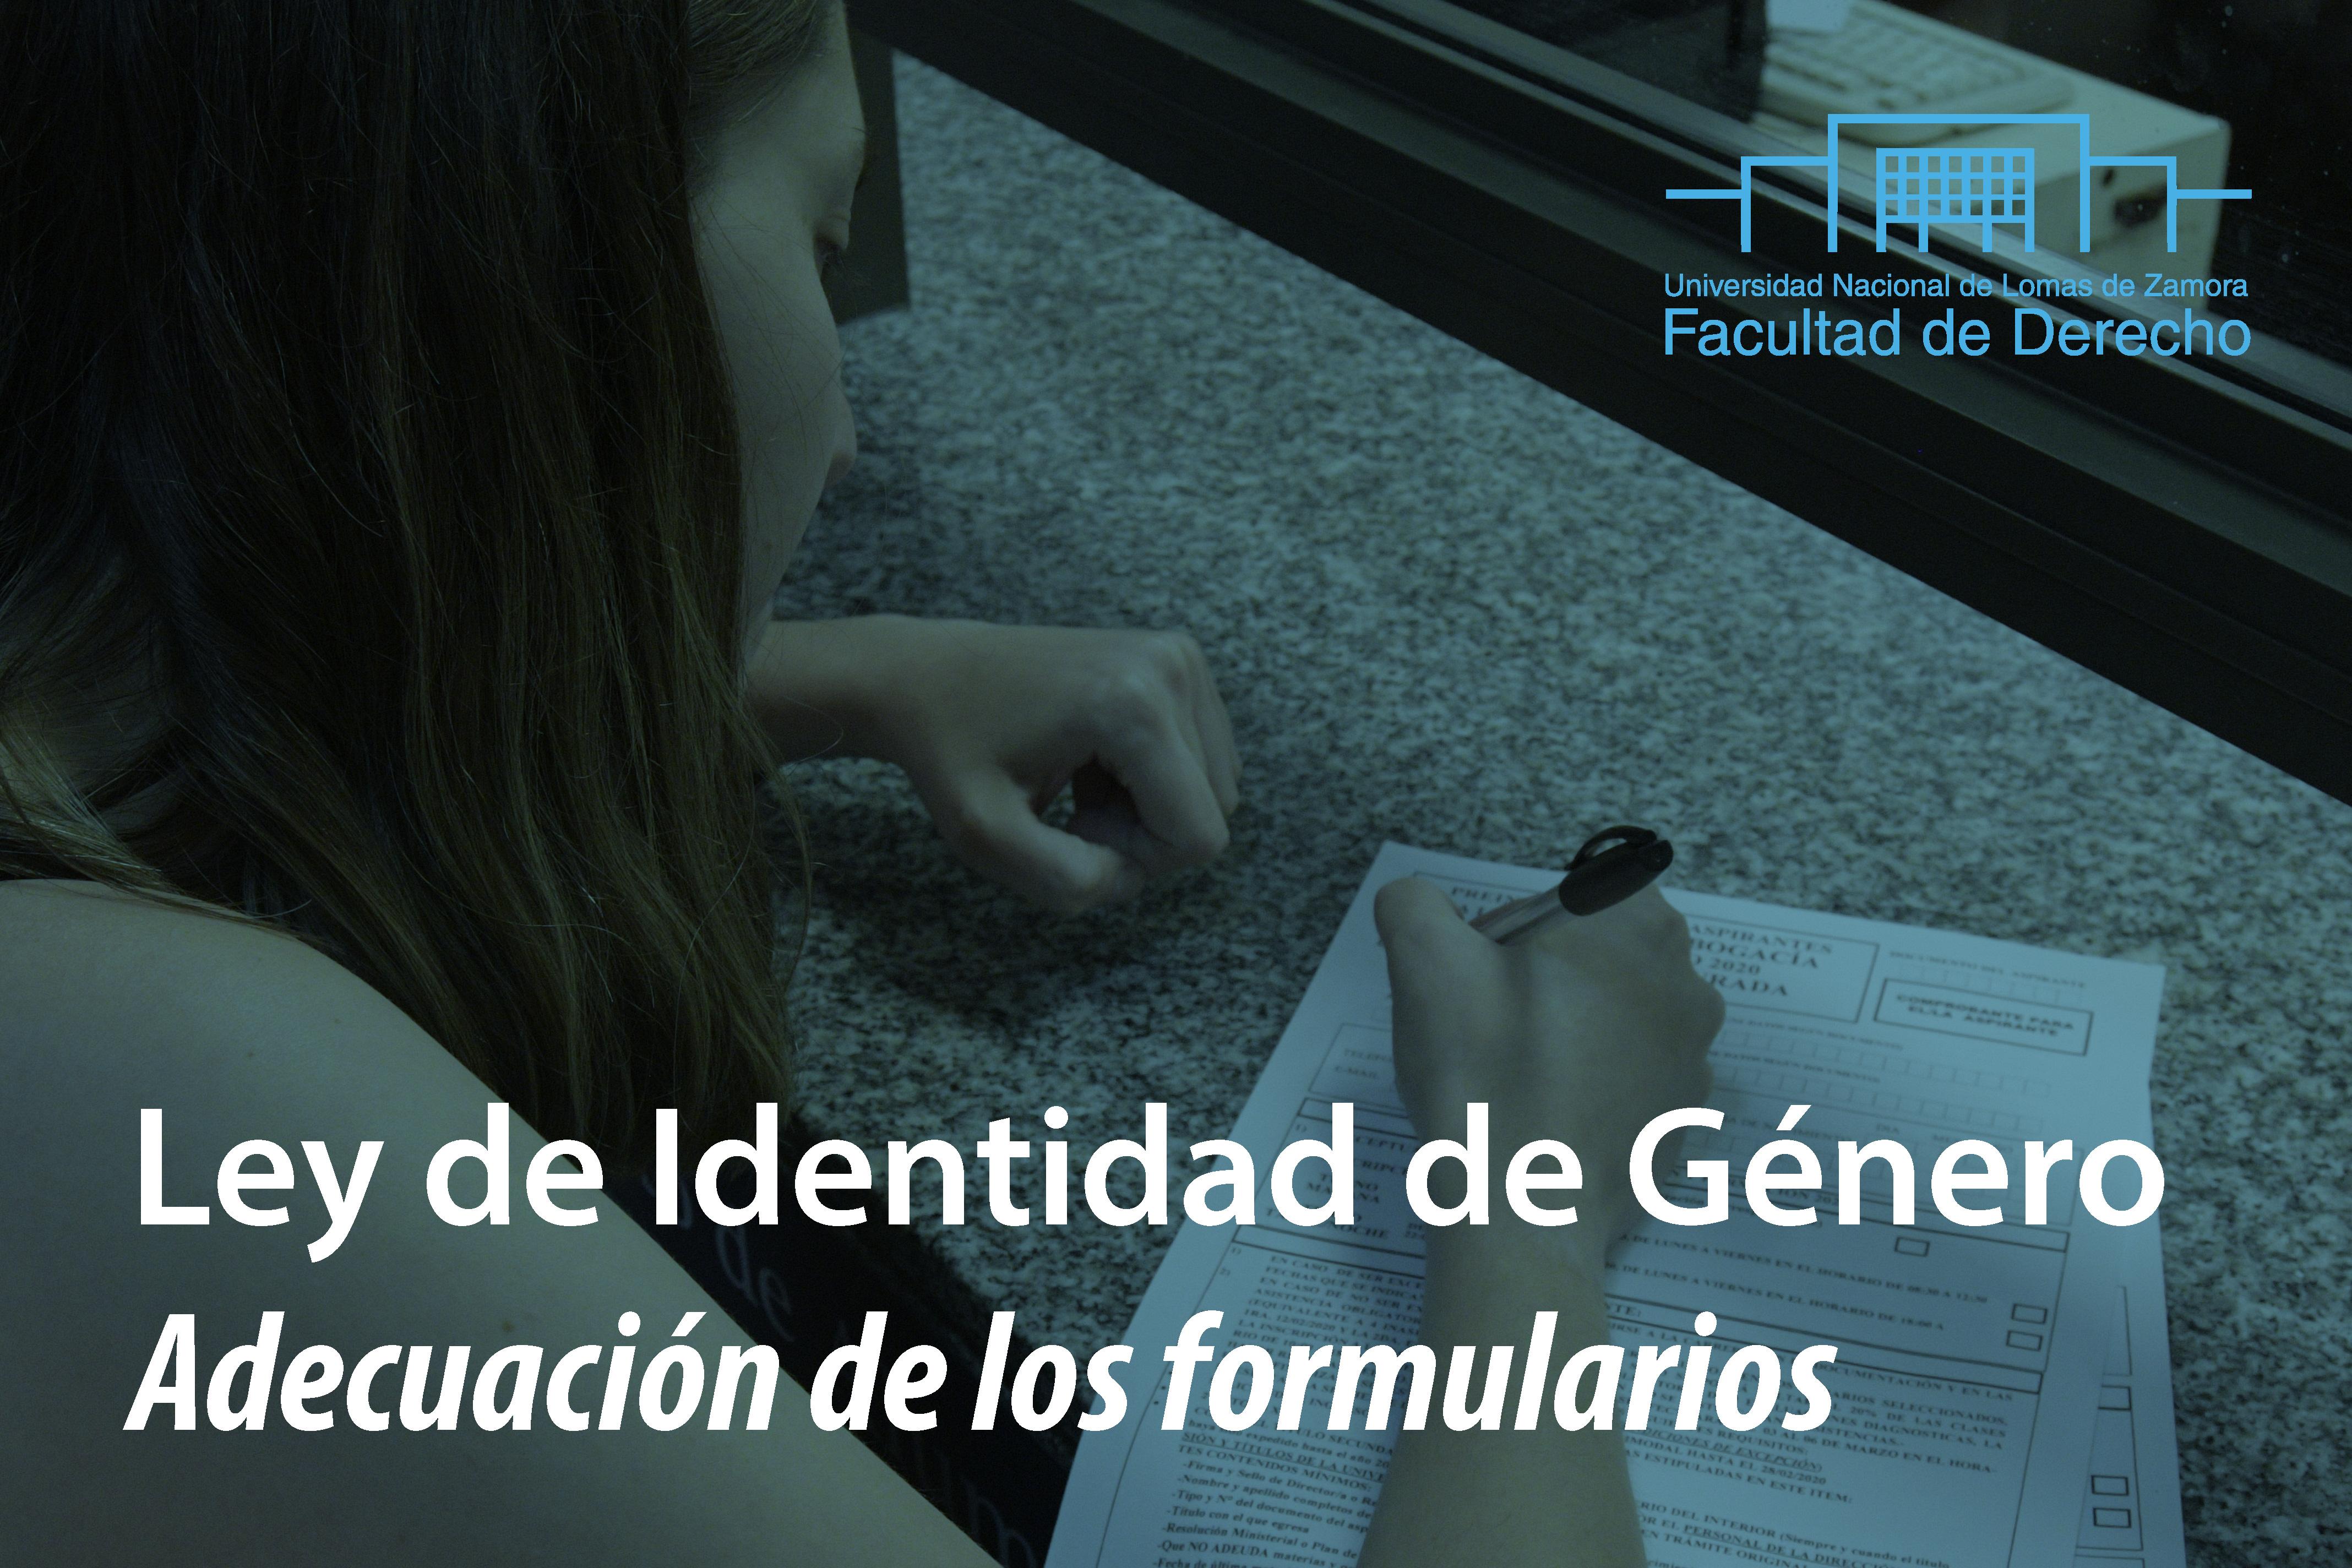 Ley de Identidad de Género – Adecuación de los formularios